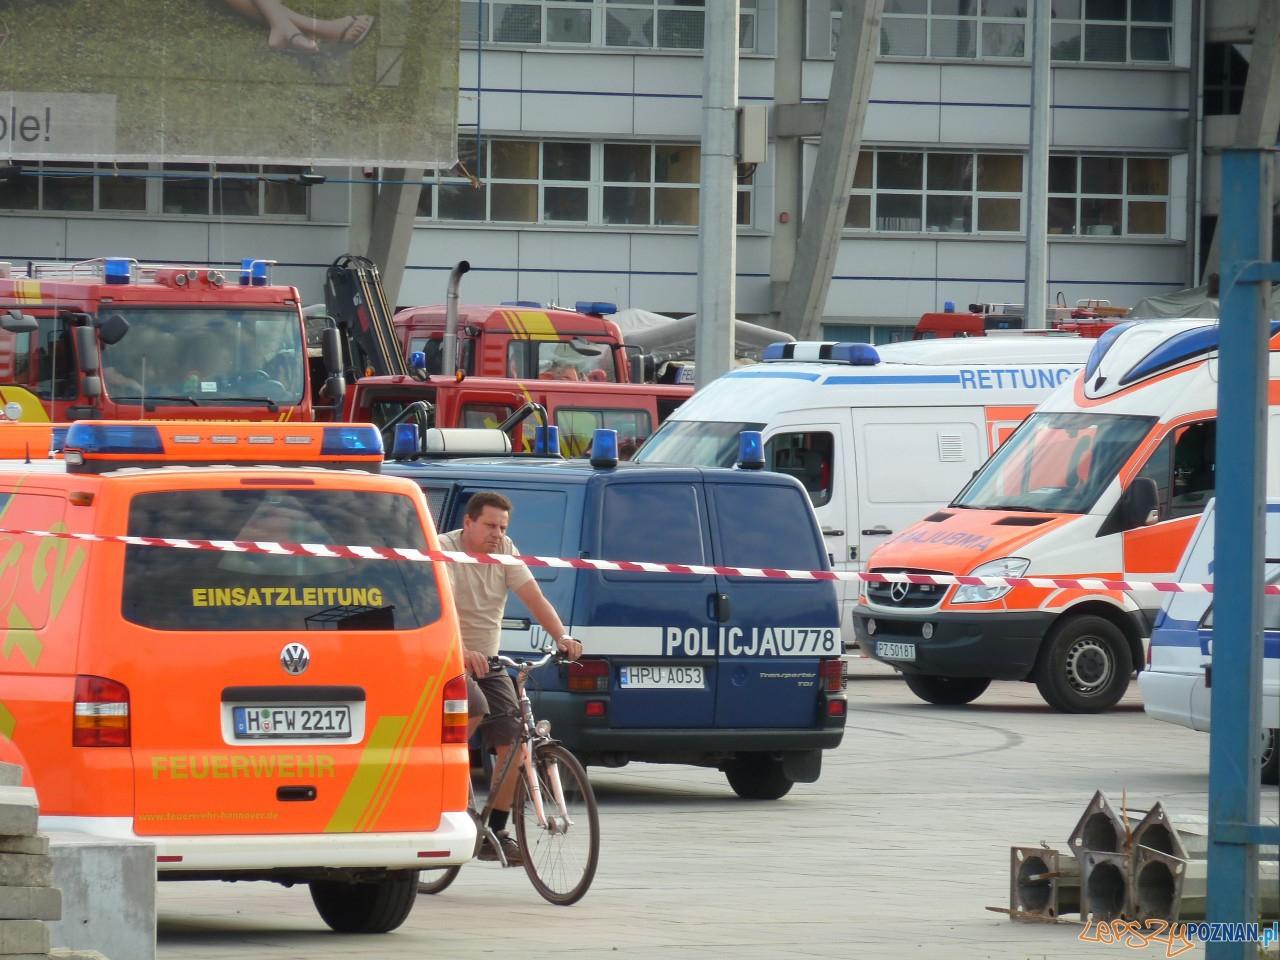 Ćwiczenia na Stadionie Miejskim  Foto: Maciej Koterba